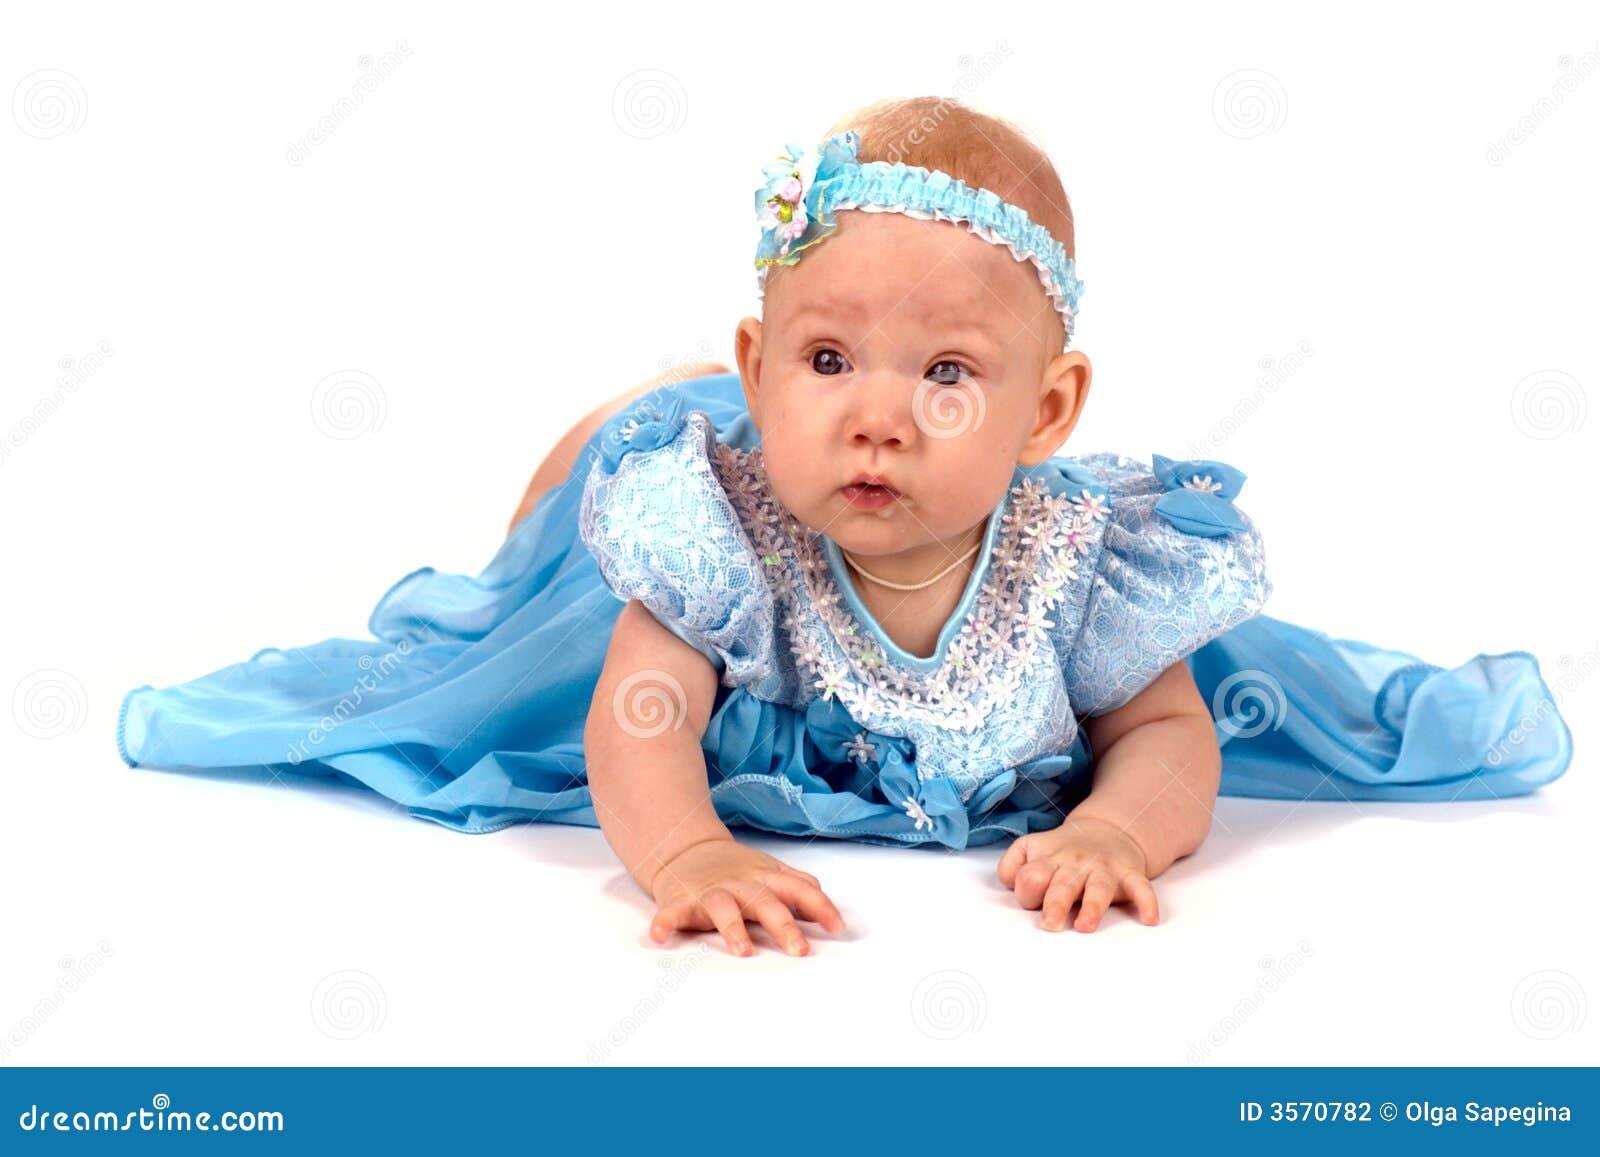 Neonata Well-dressed